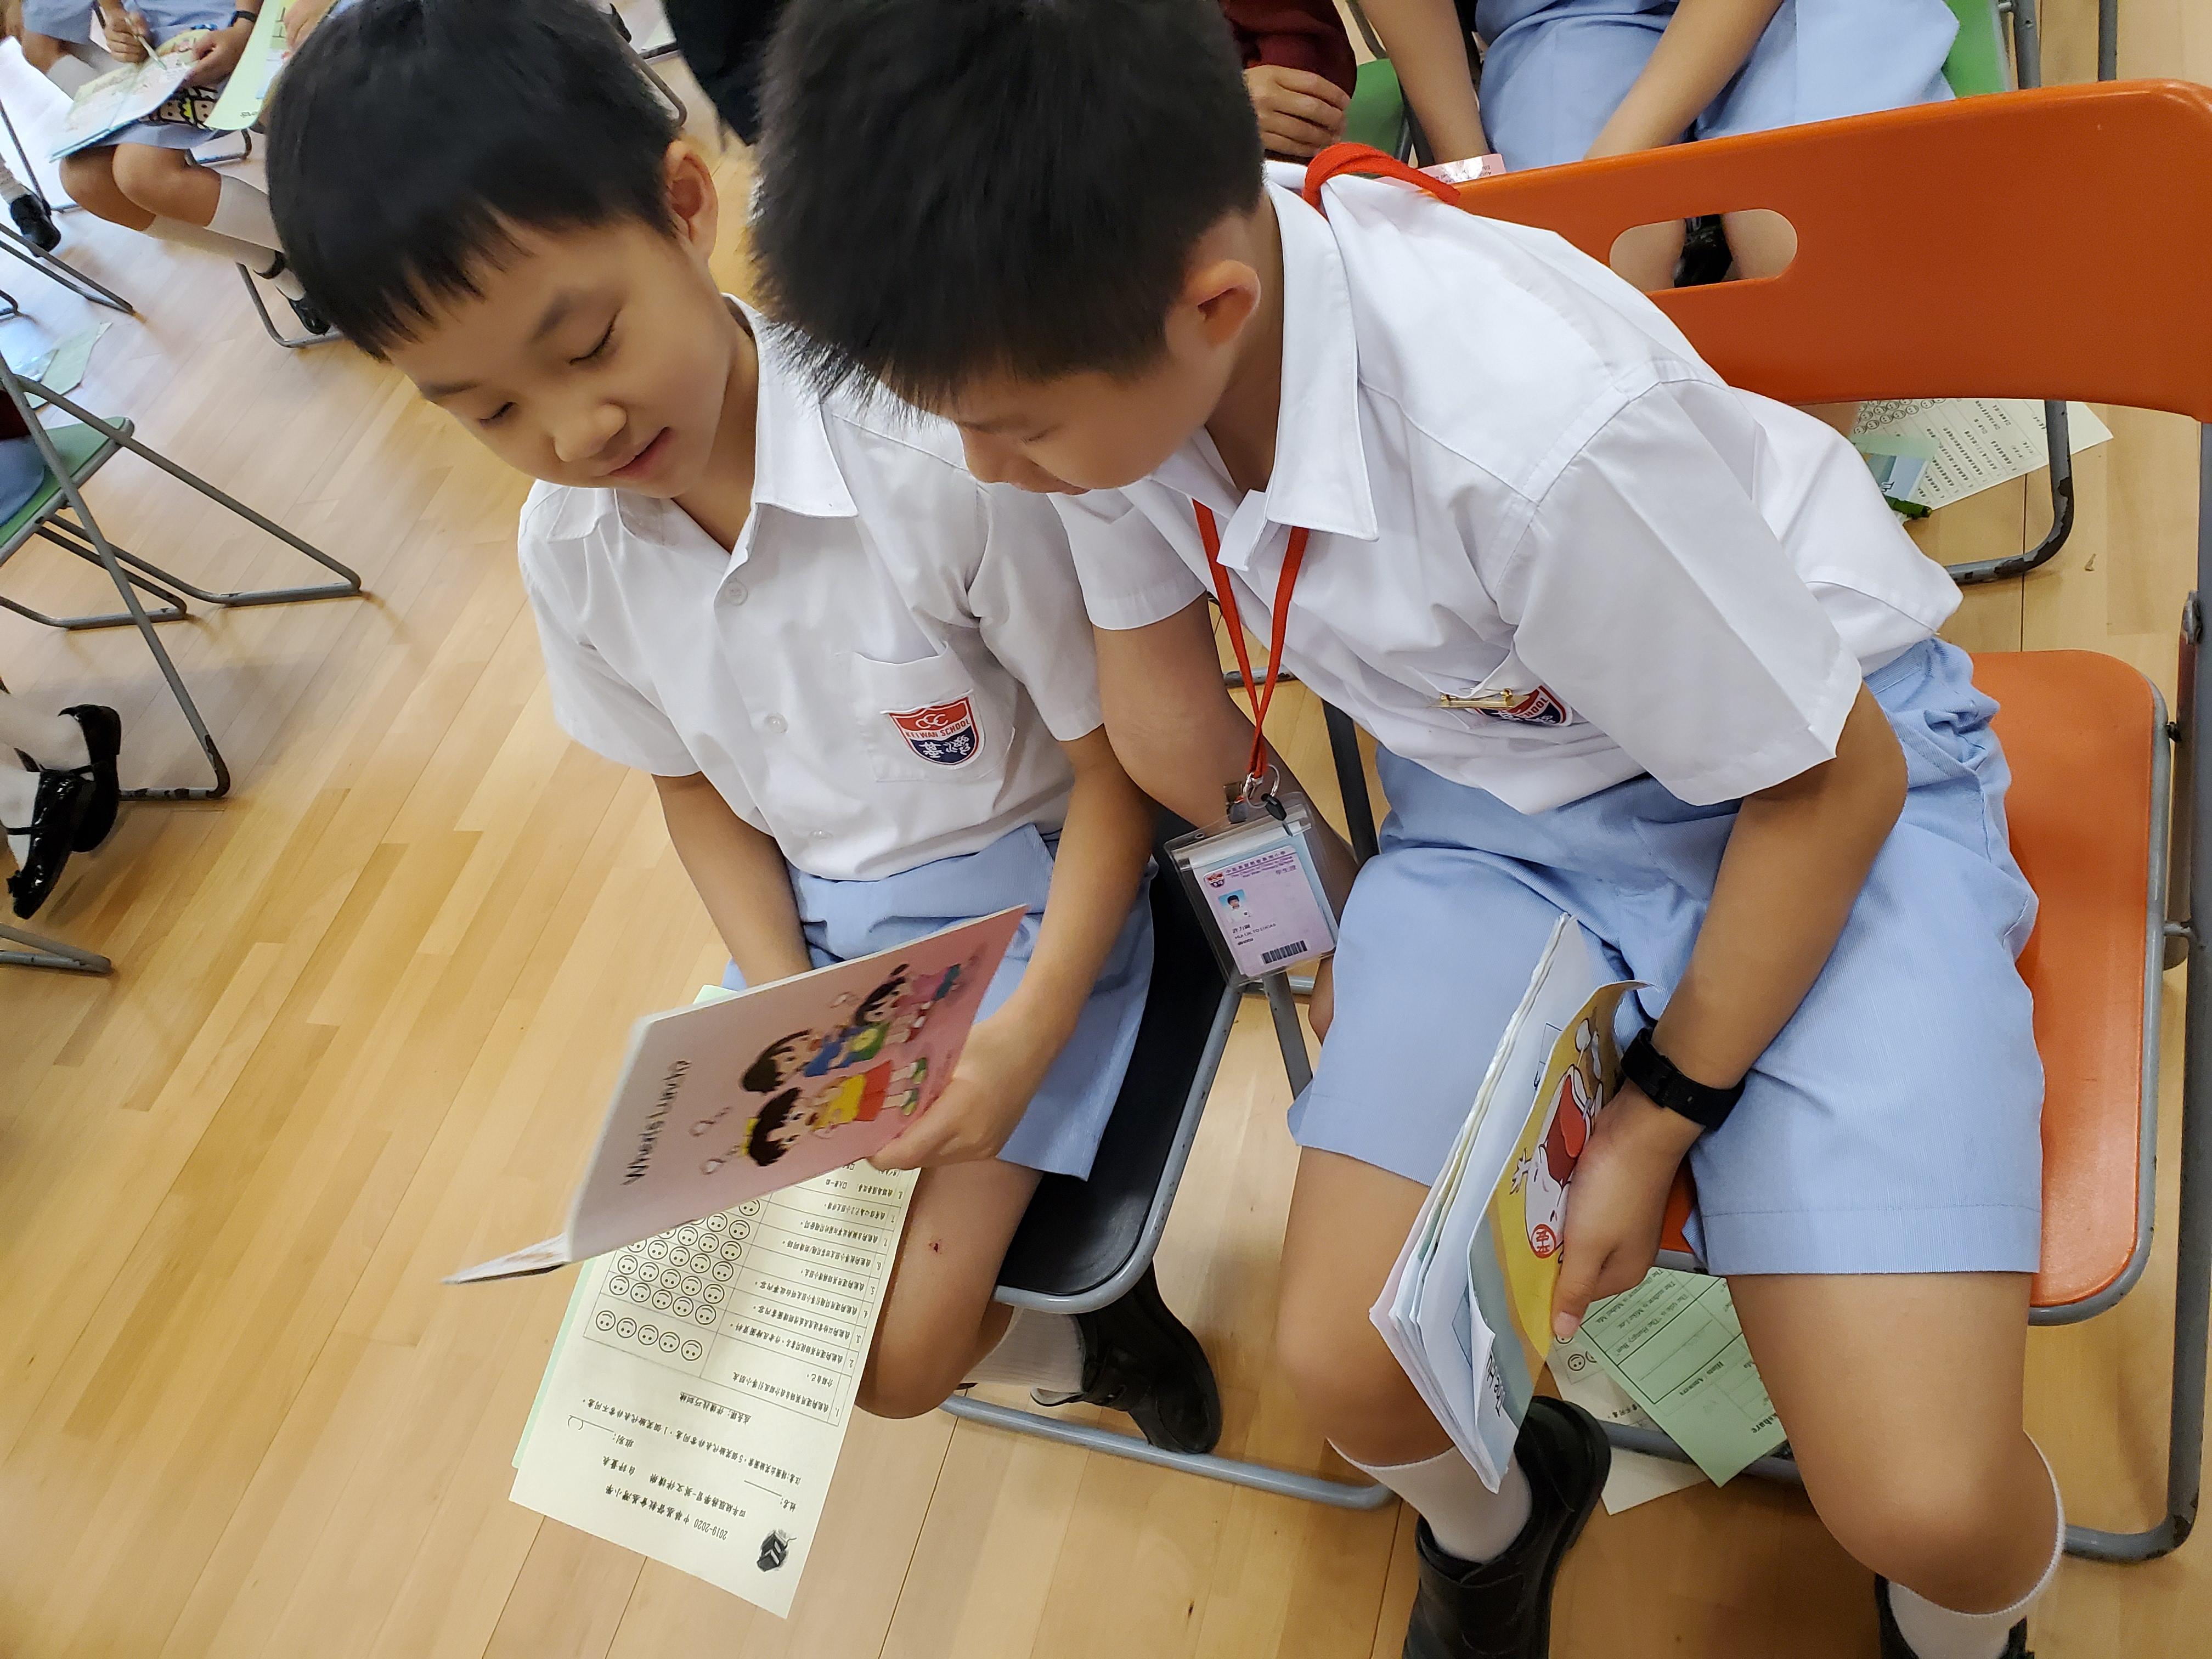 http://www.keiwan.edu.hk/sites/default/files/20191016_133552.jpg